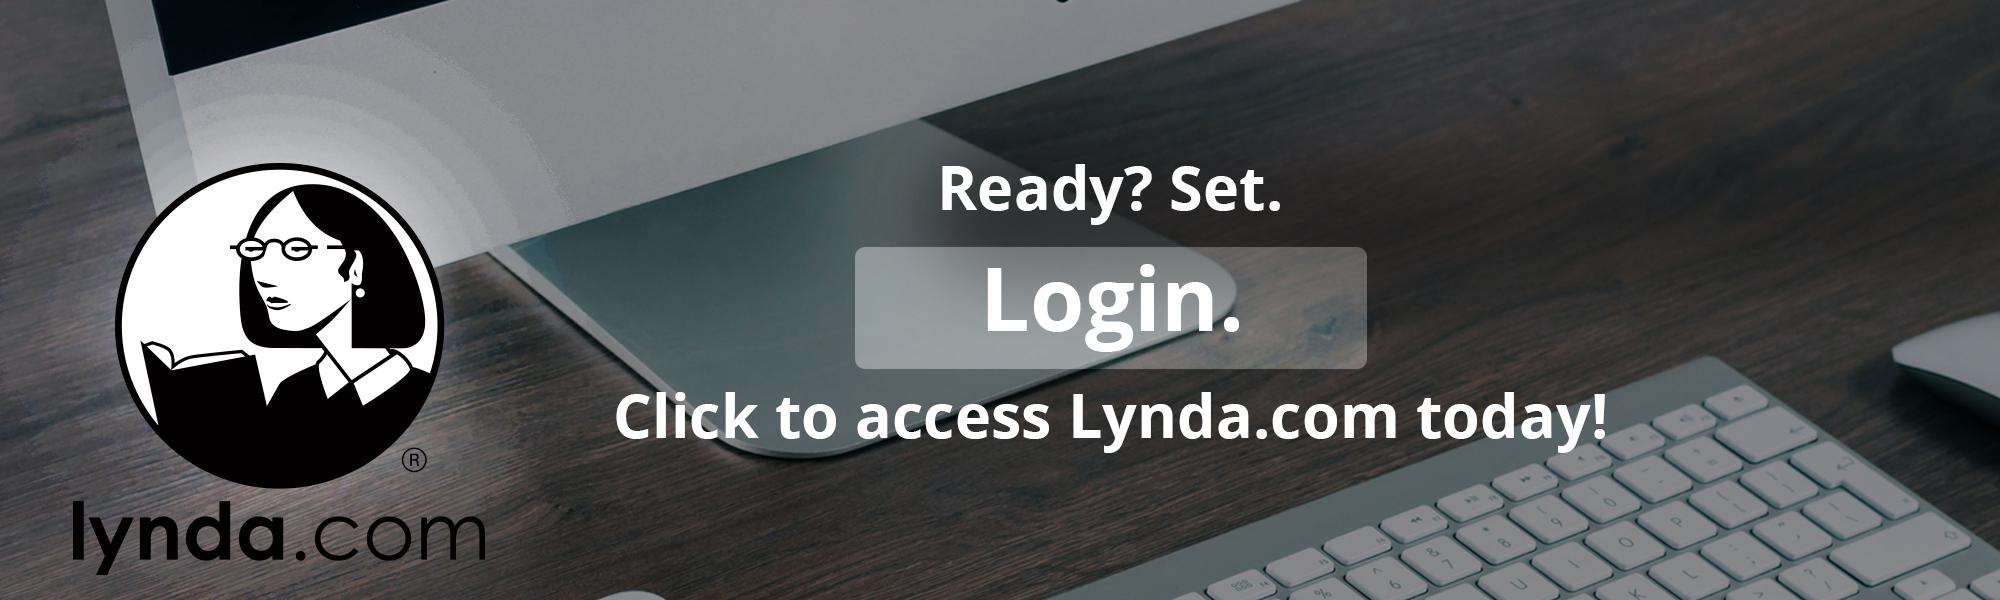 lynda-login